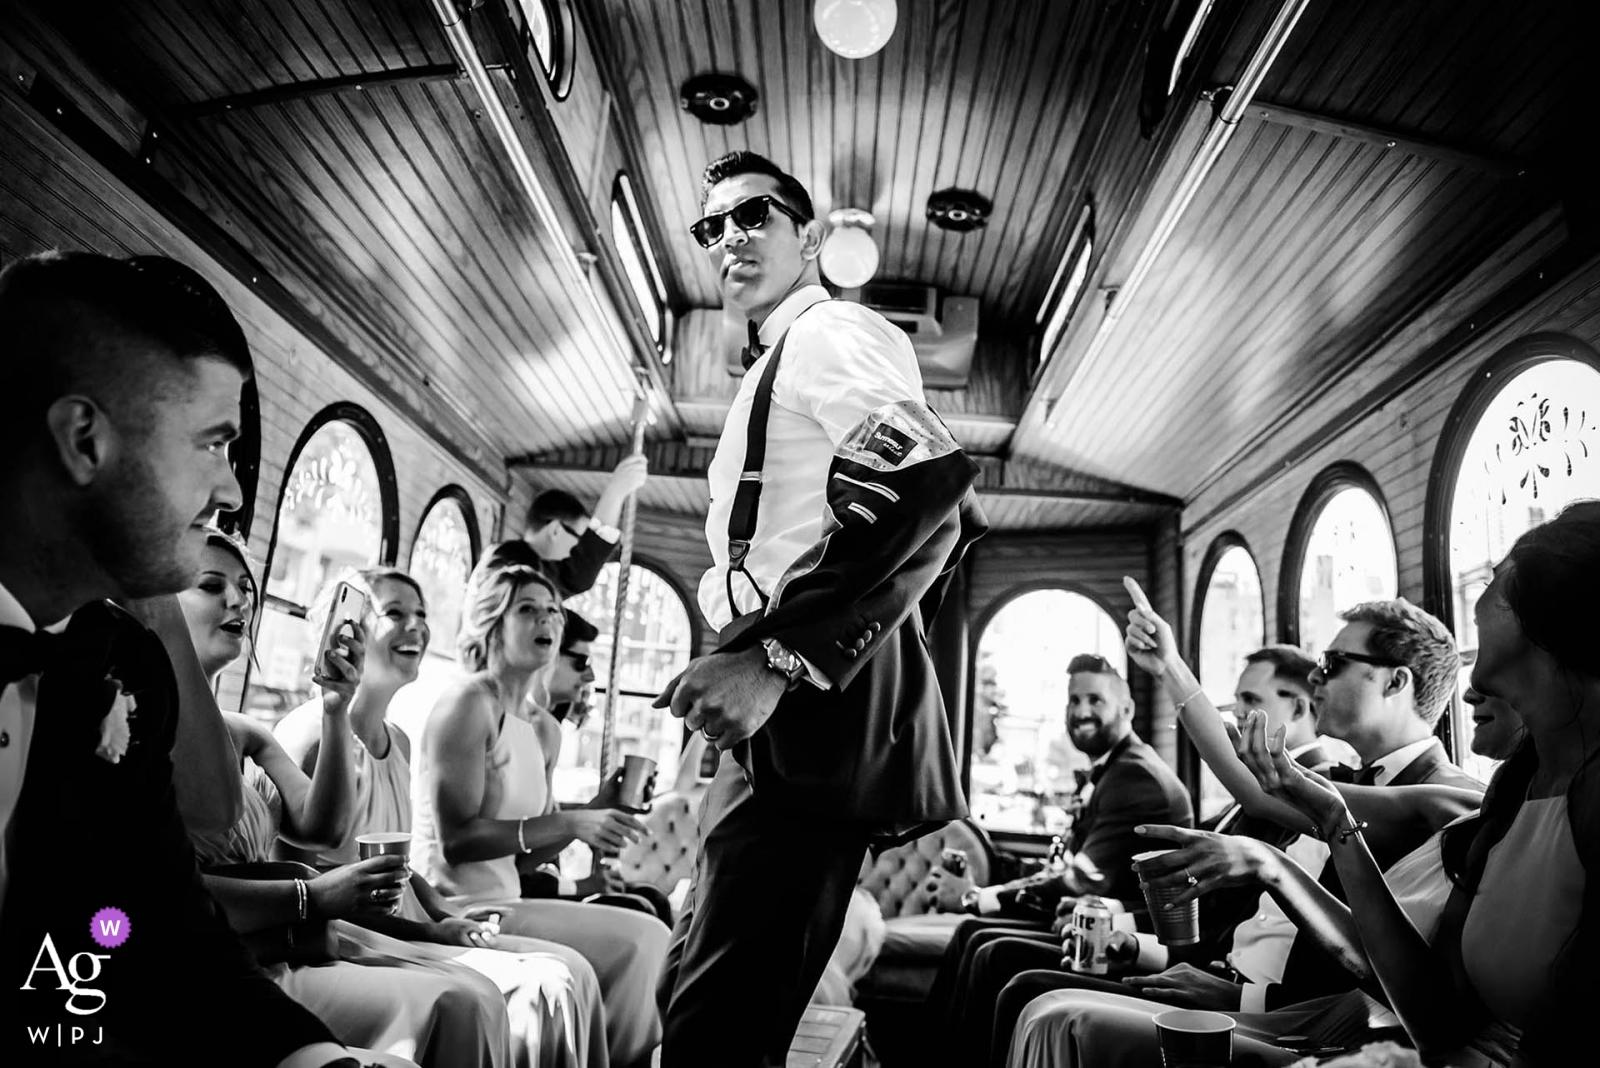 Chicago photographie de mariage portrait en bus de mariage avec la fête de mariage en noir et blanc